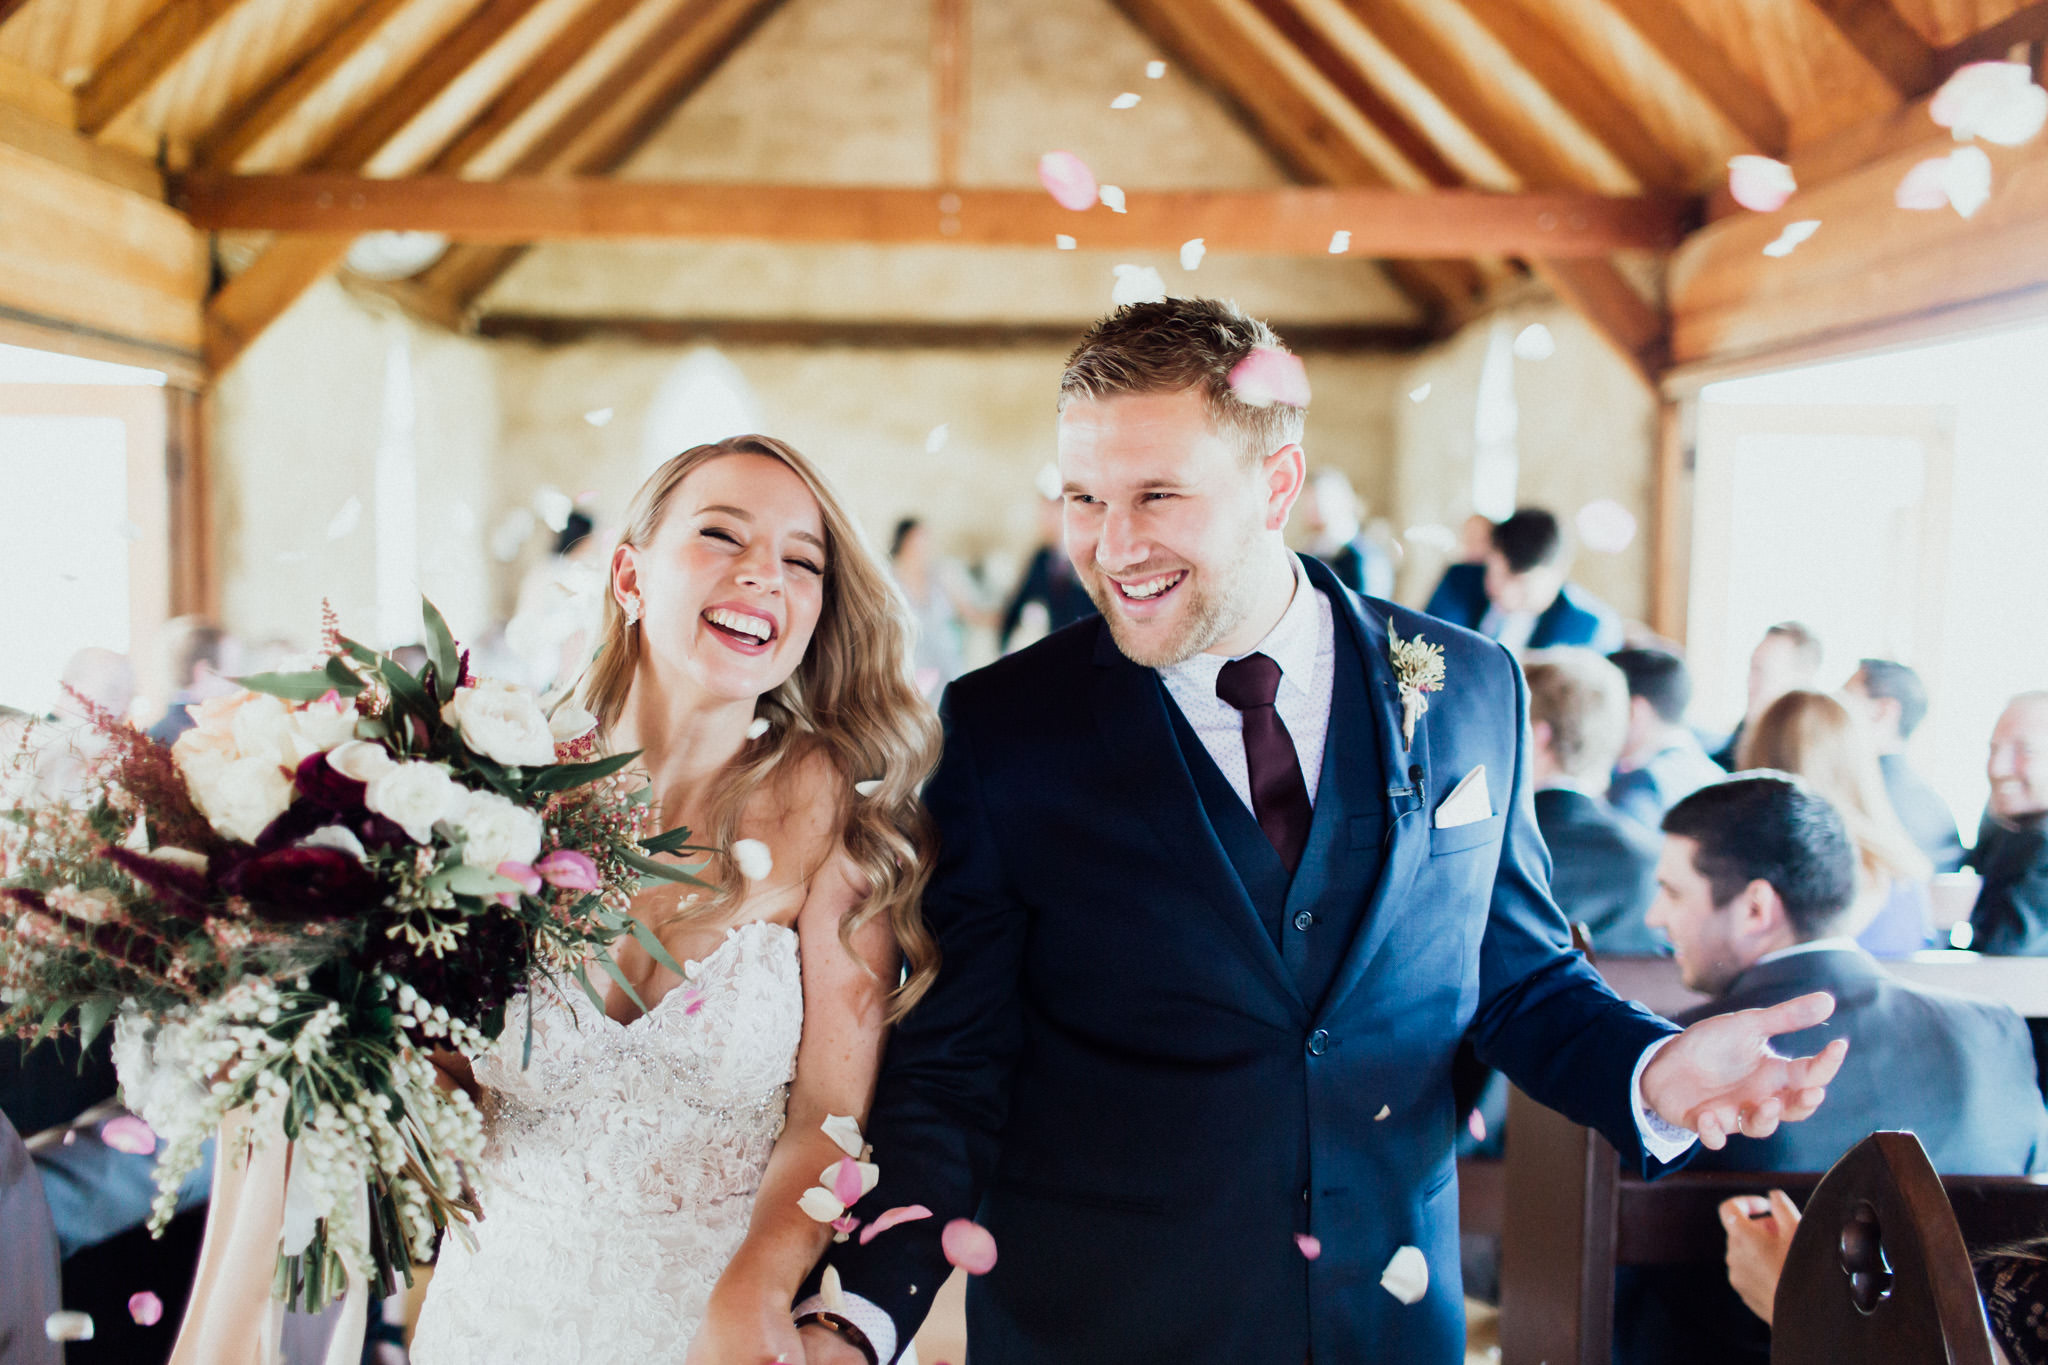 WeddingPhotos_Facebook_2048pixels-1057.jpg